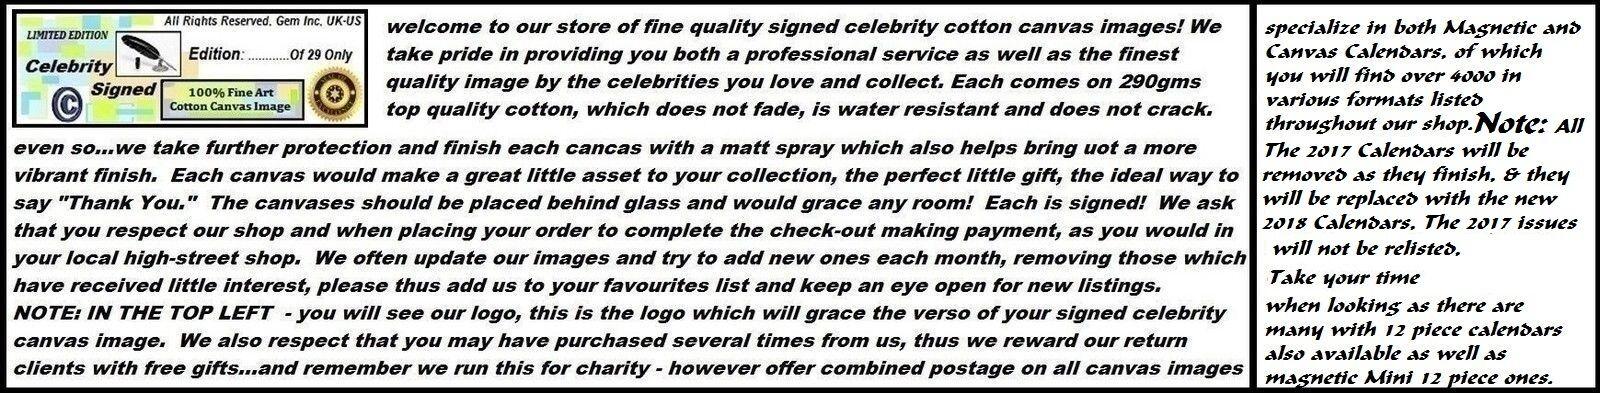 celebrity-signed